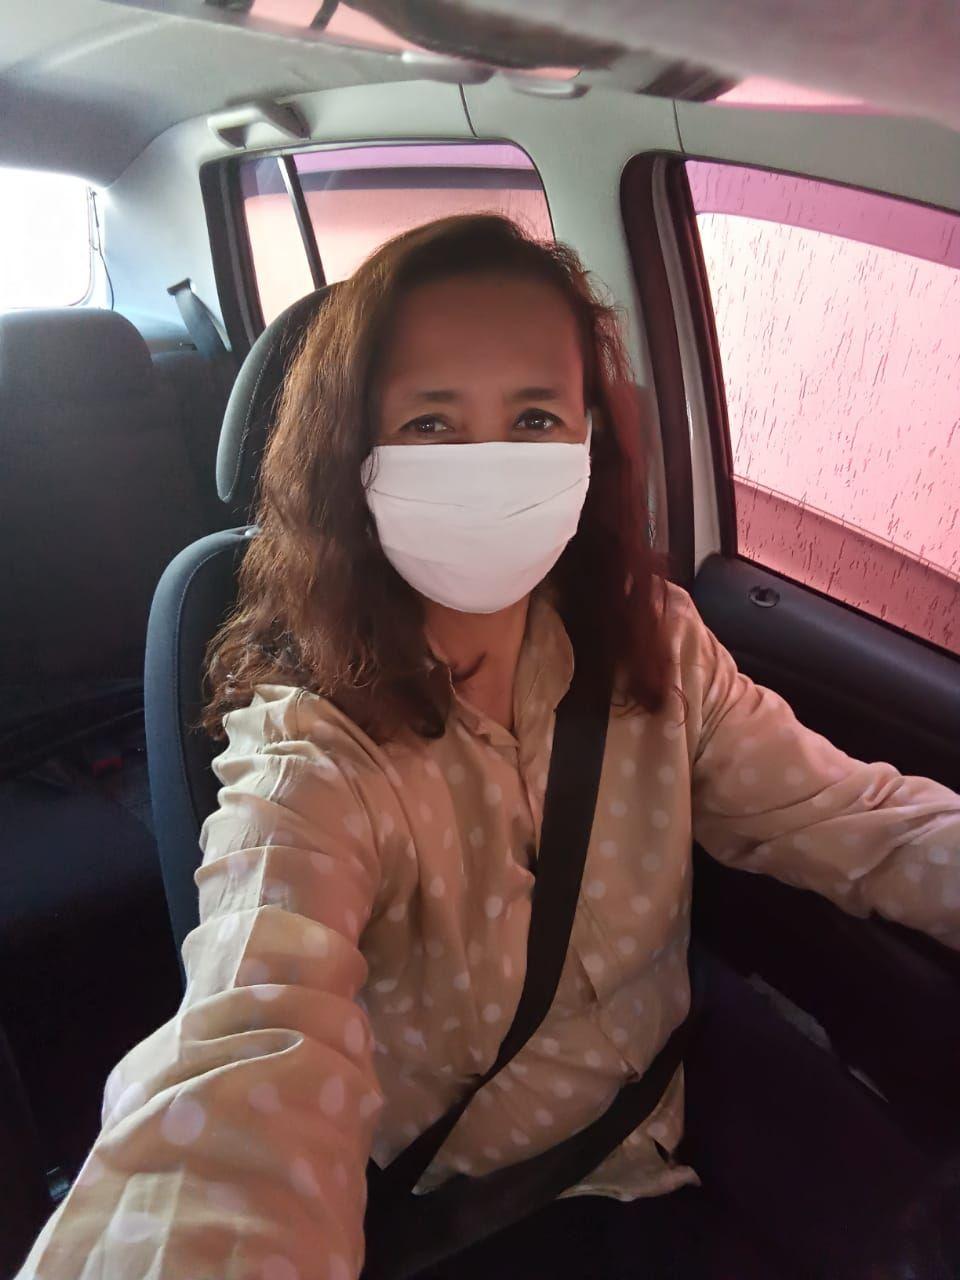 Edina aproveita a facilidade de trabalhar com transportes, para levar materiais a voluntárias que fazem máscaras. Foto: Arquivo pessoal.